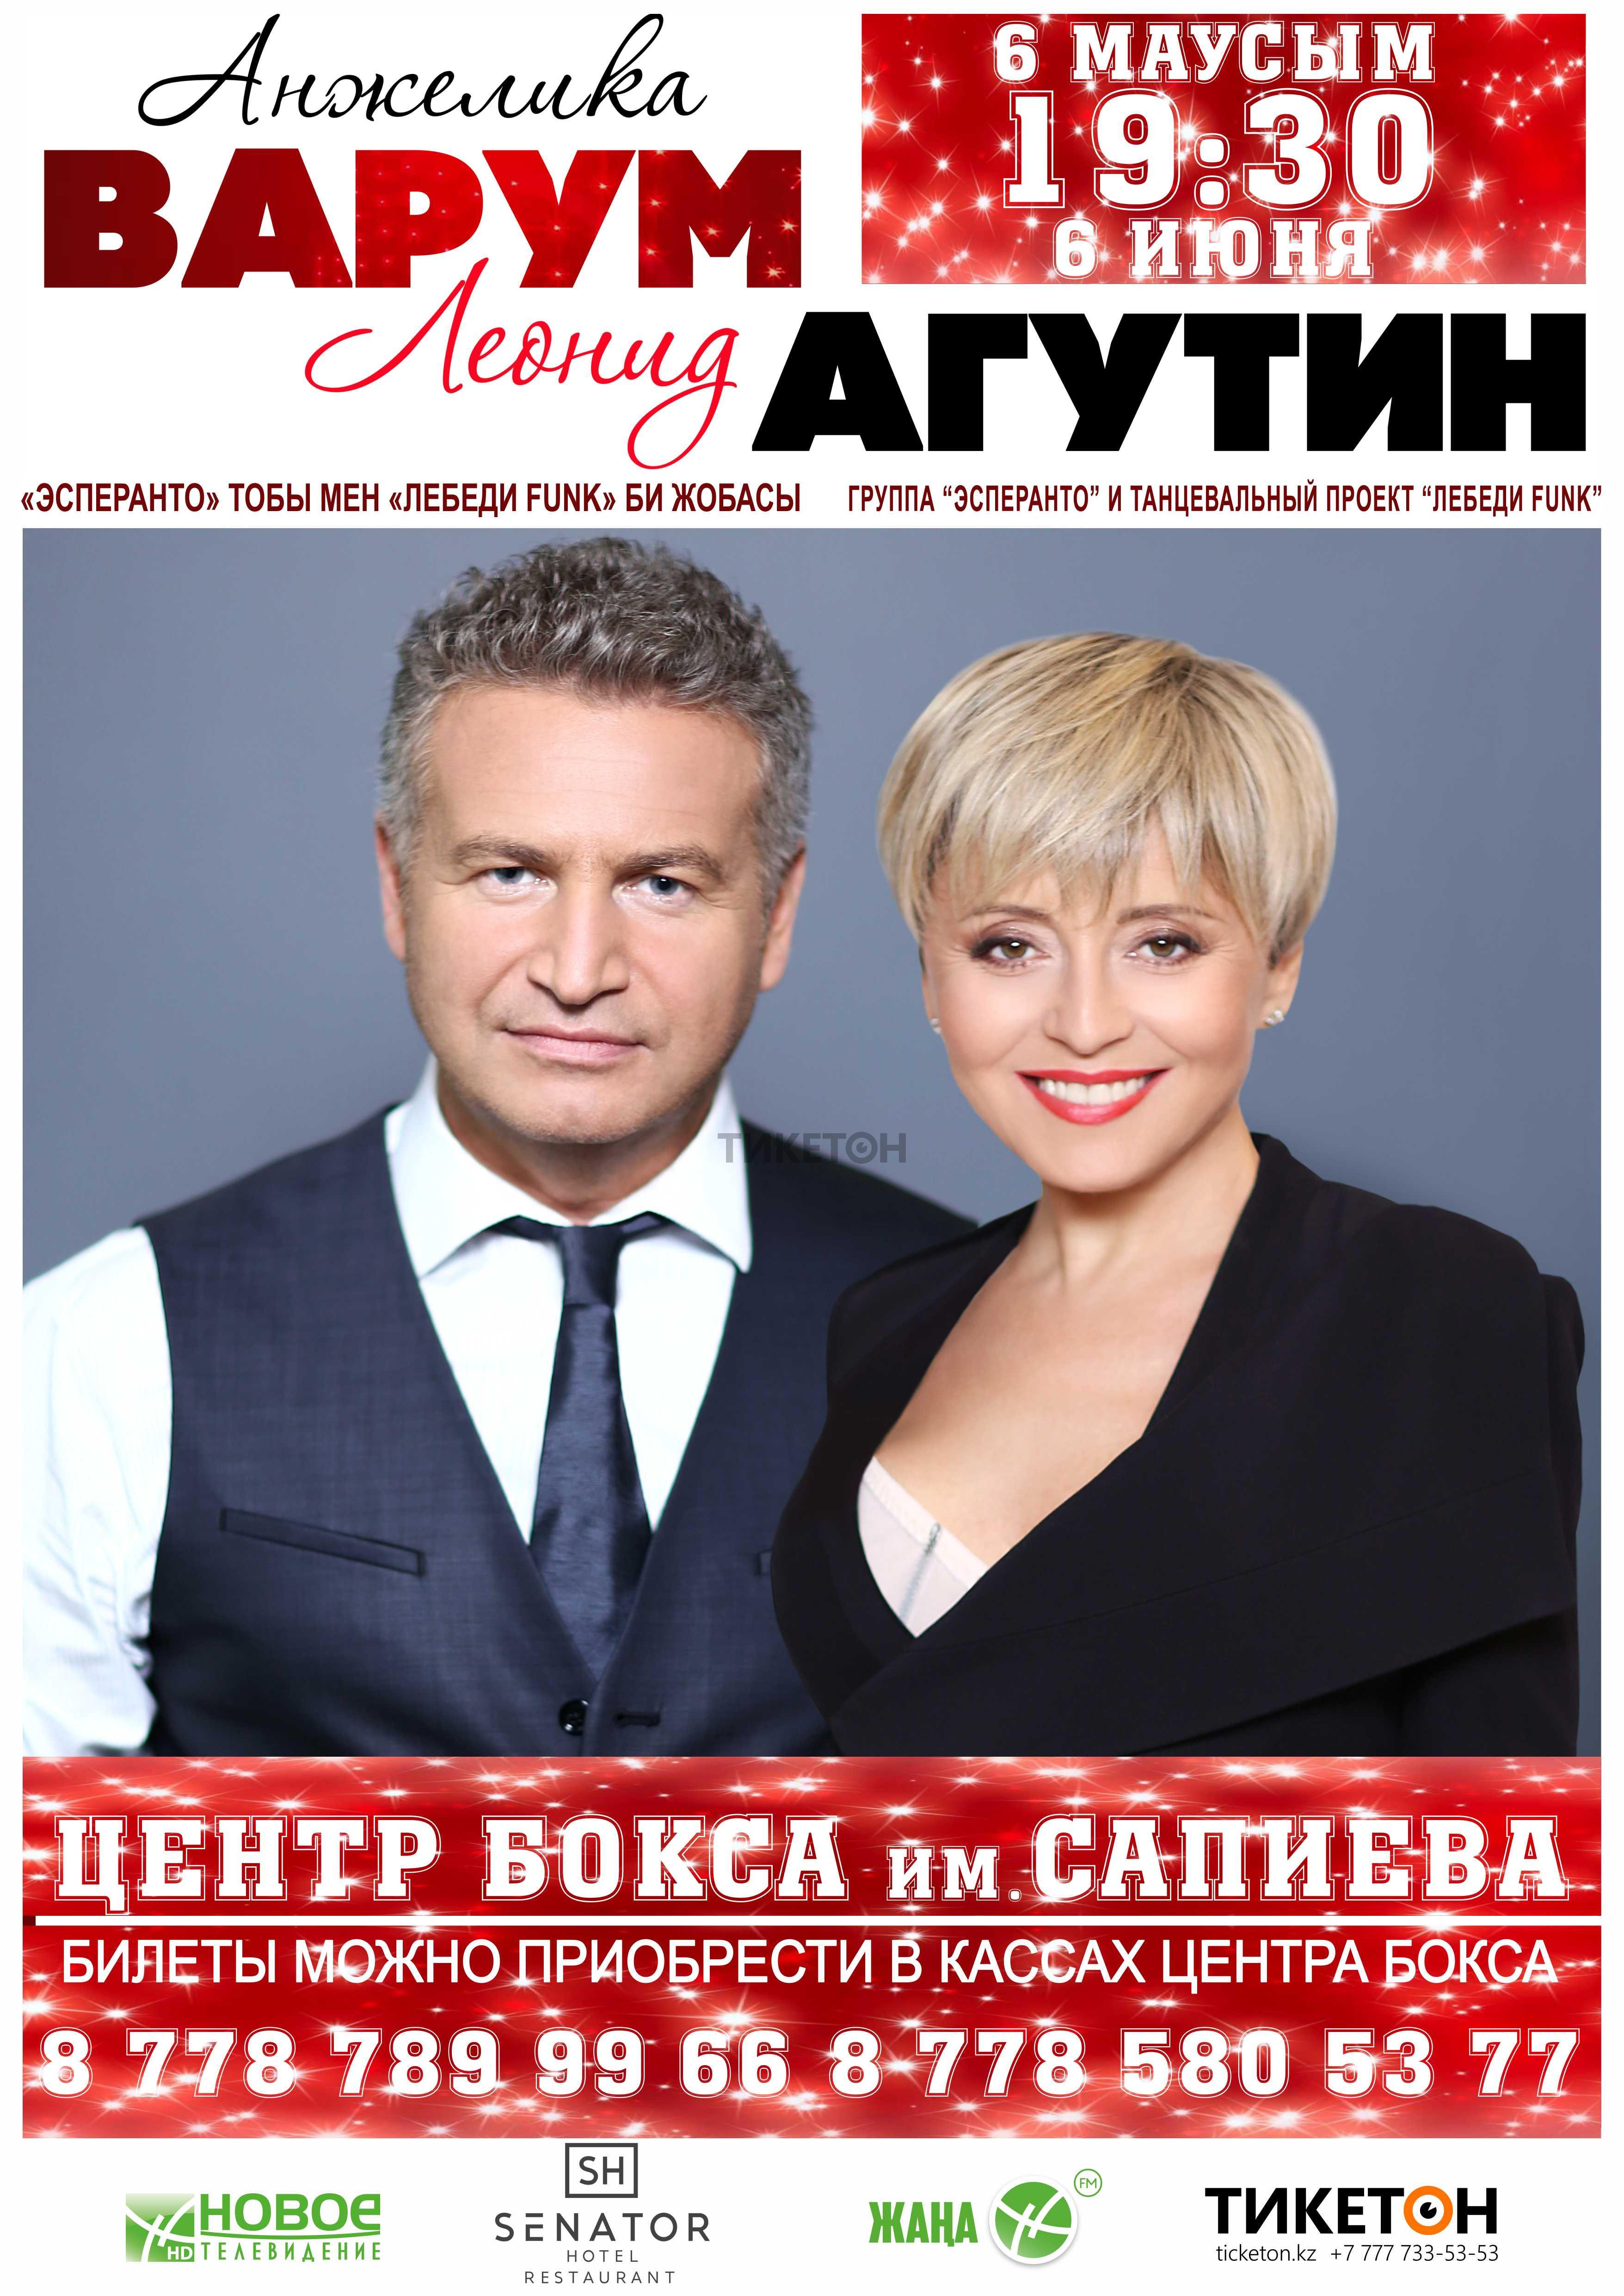 Концерт Анжелики Варум и Леонида Агутина в Караганде